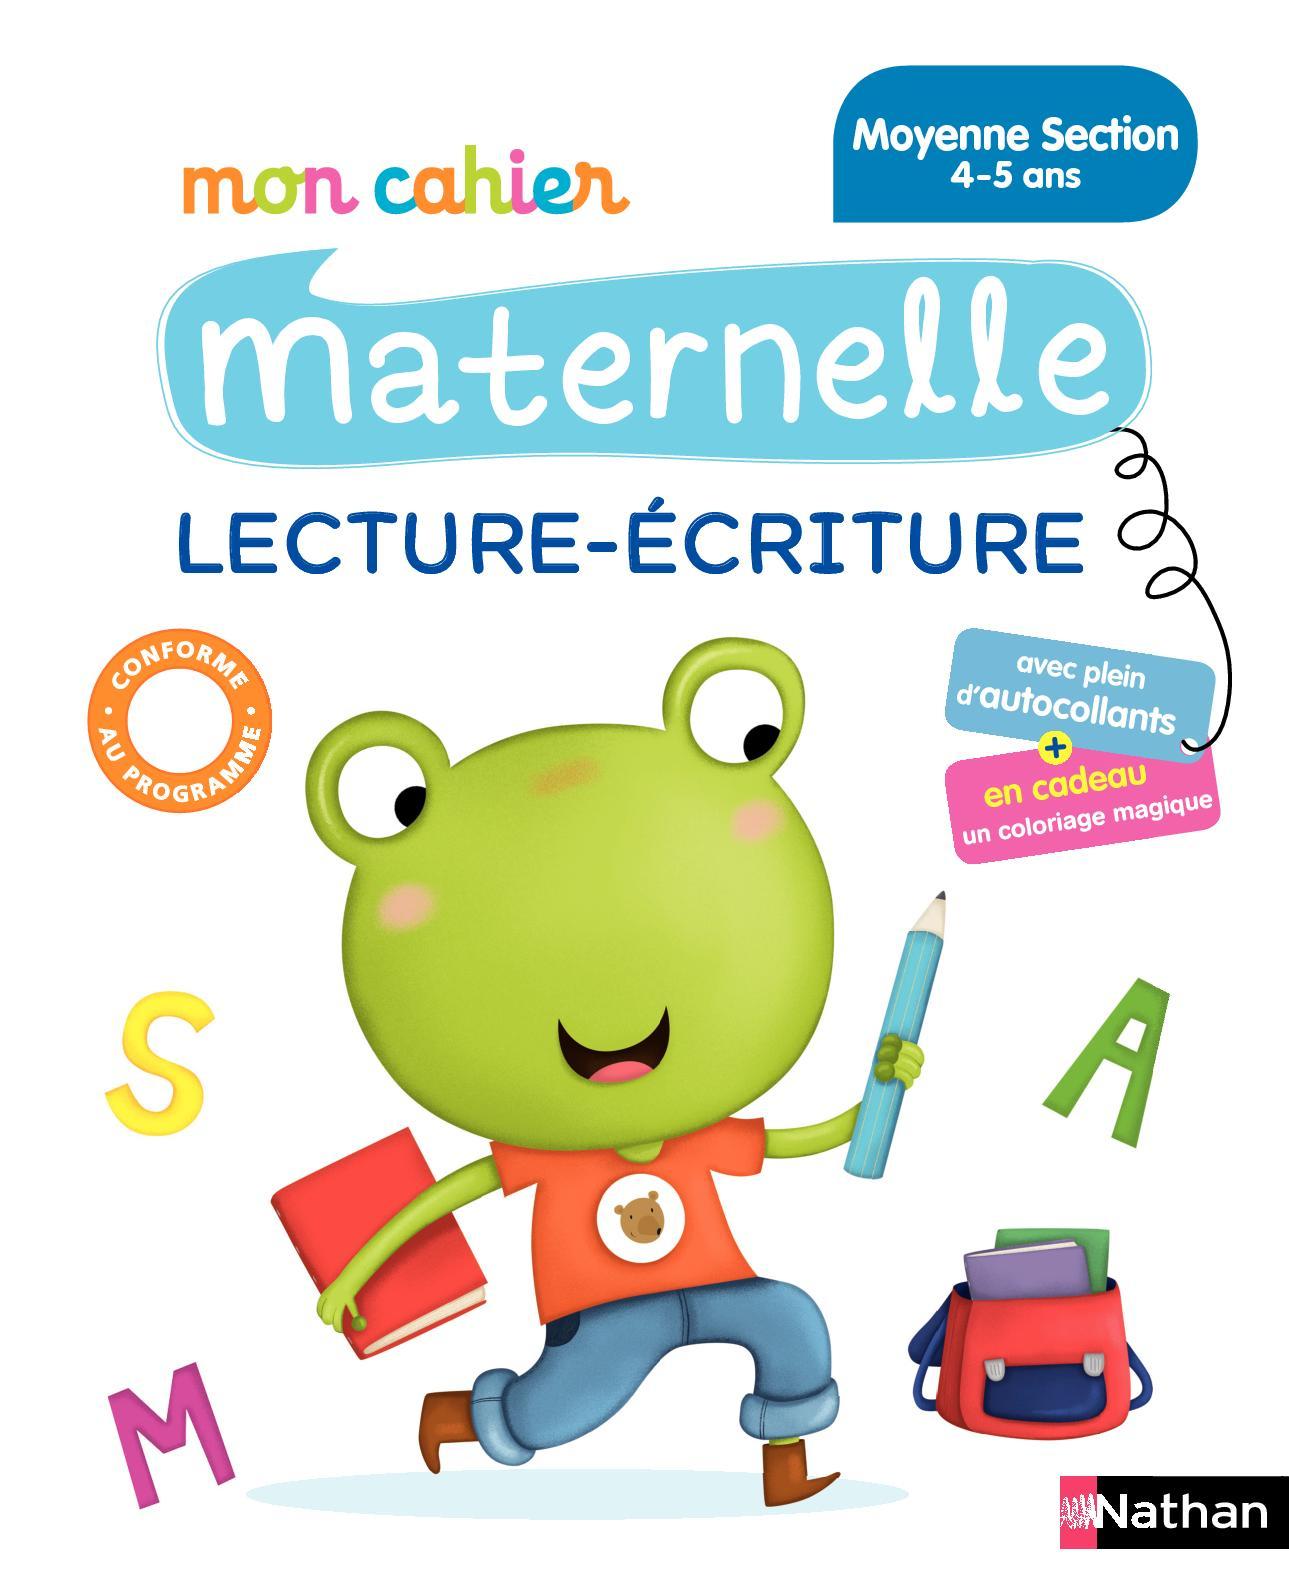 Mon Cahier Maternelle Lecture Écriture - Moyenne Section destiné Écriture En Moyenne Section